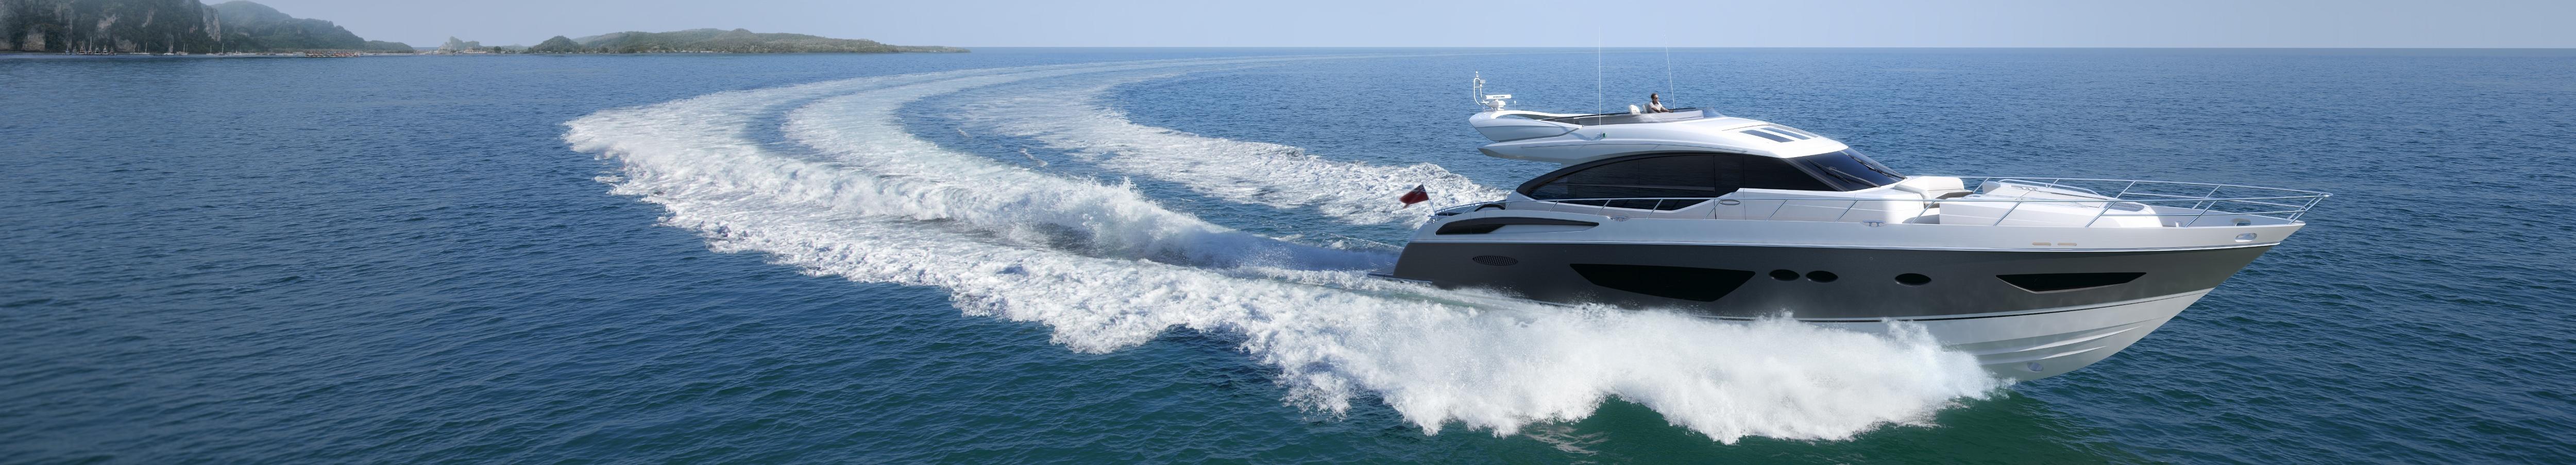 Yacht (5000x903)